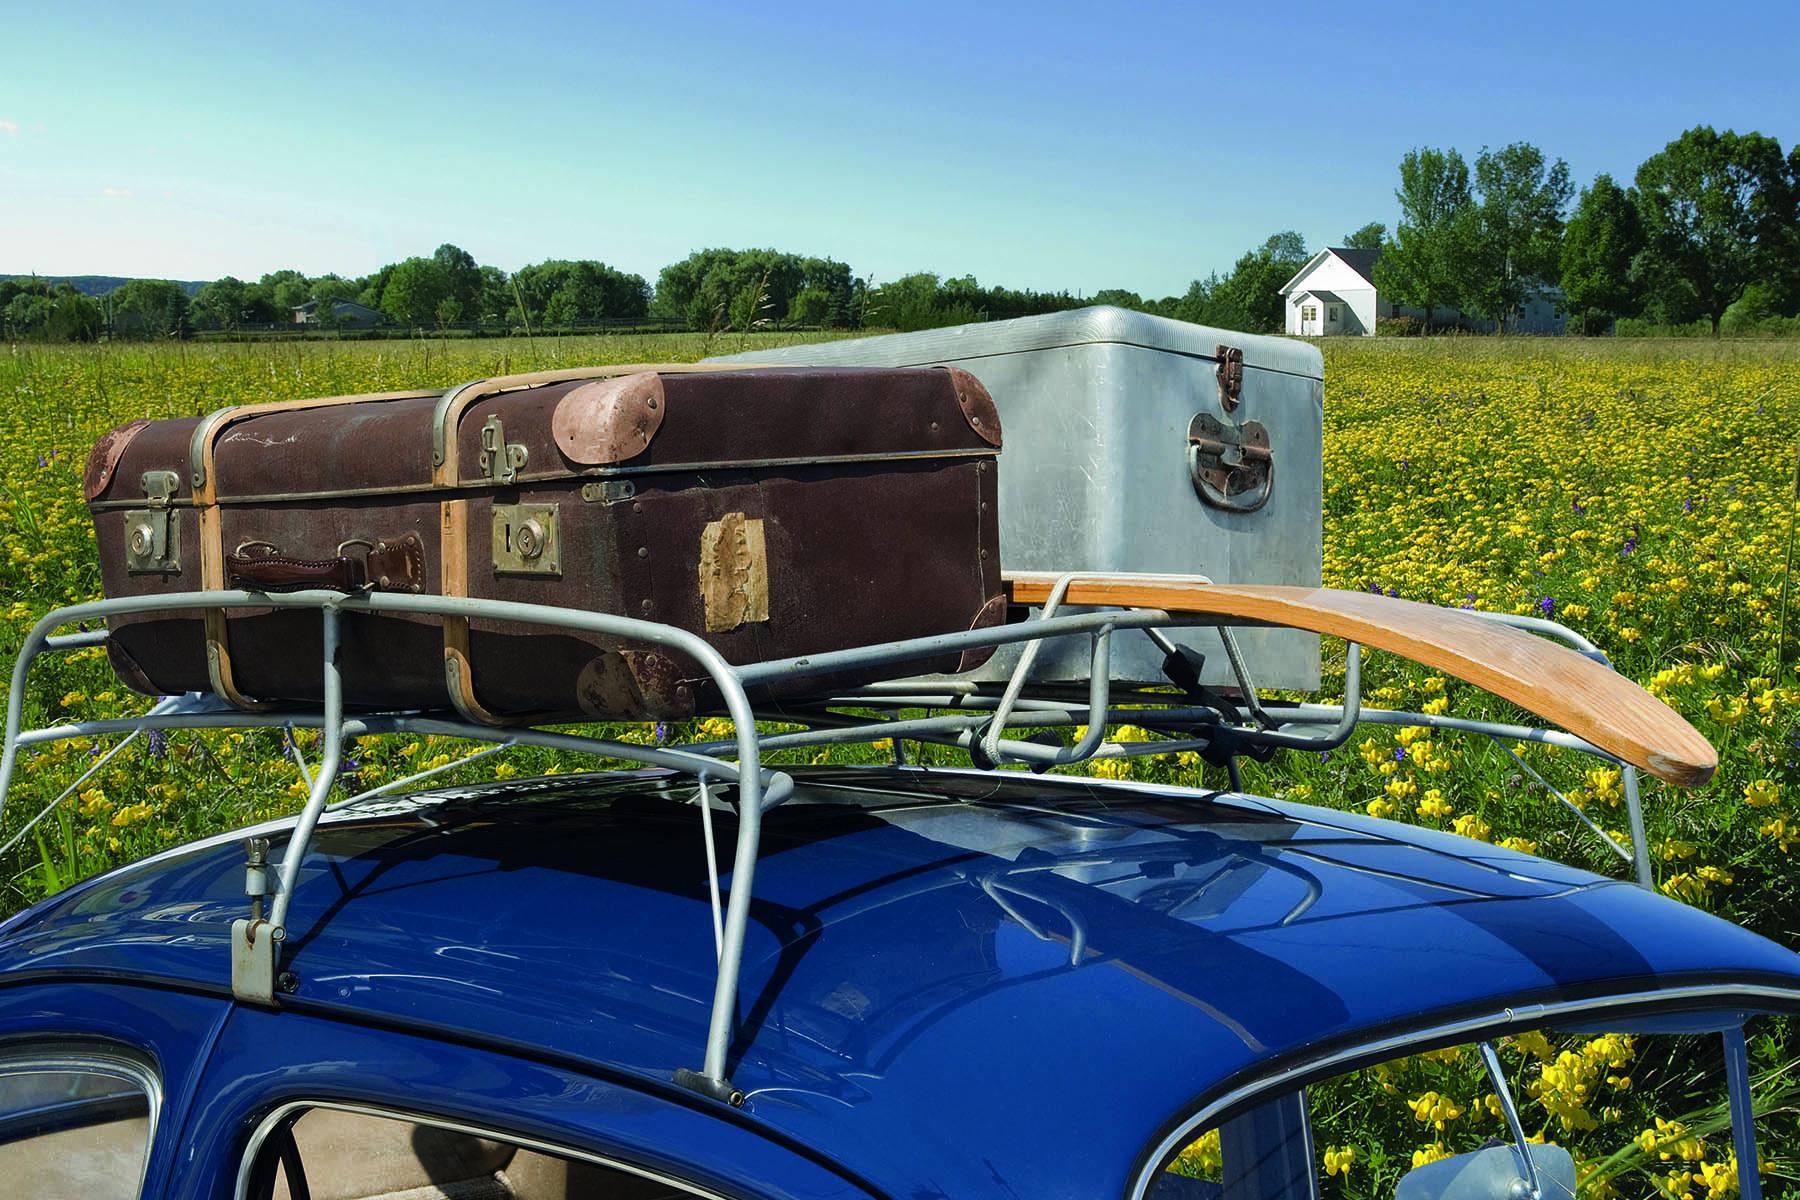 Gamla resväskor lastade på ett biltak